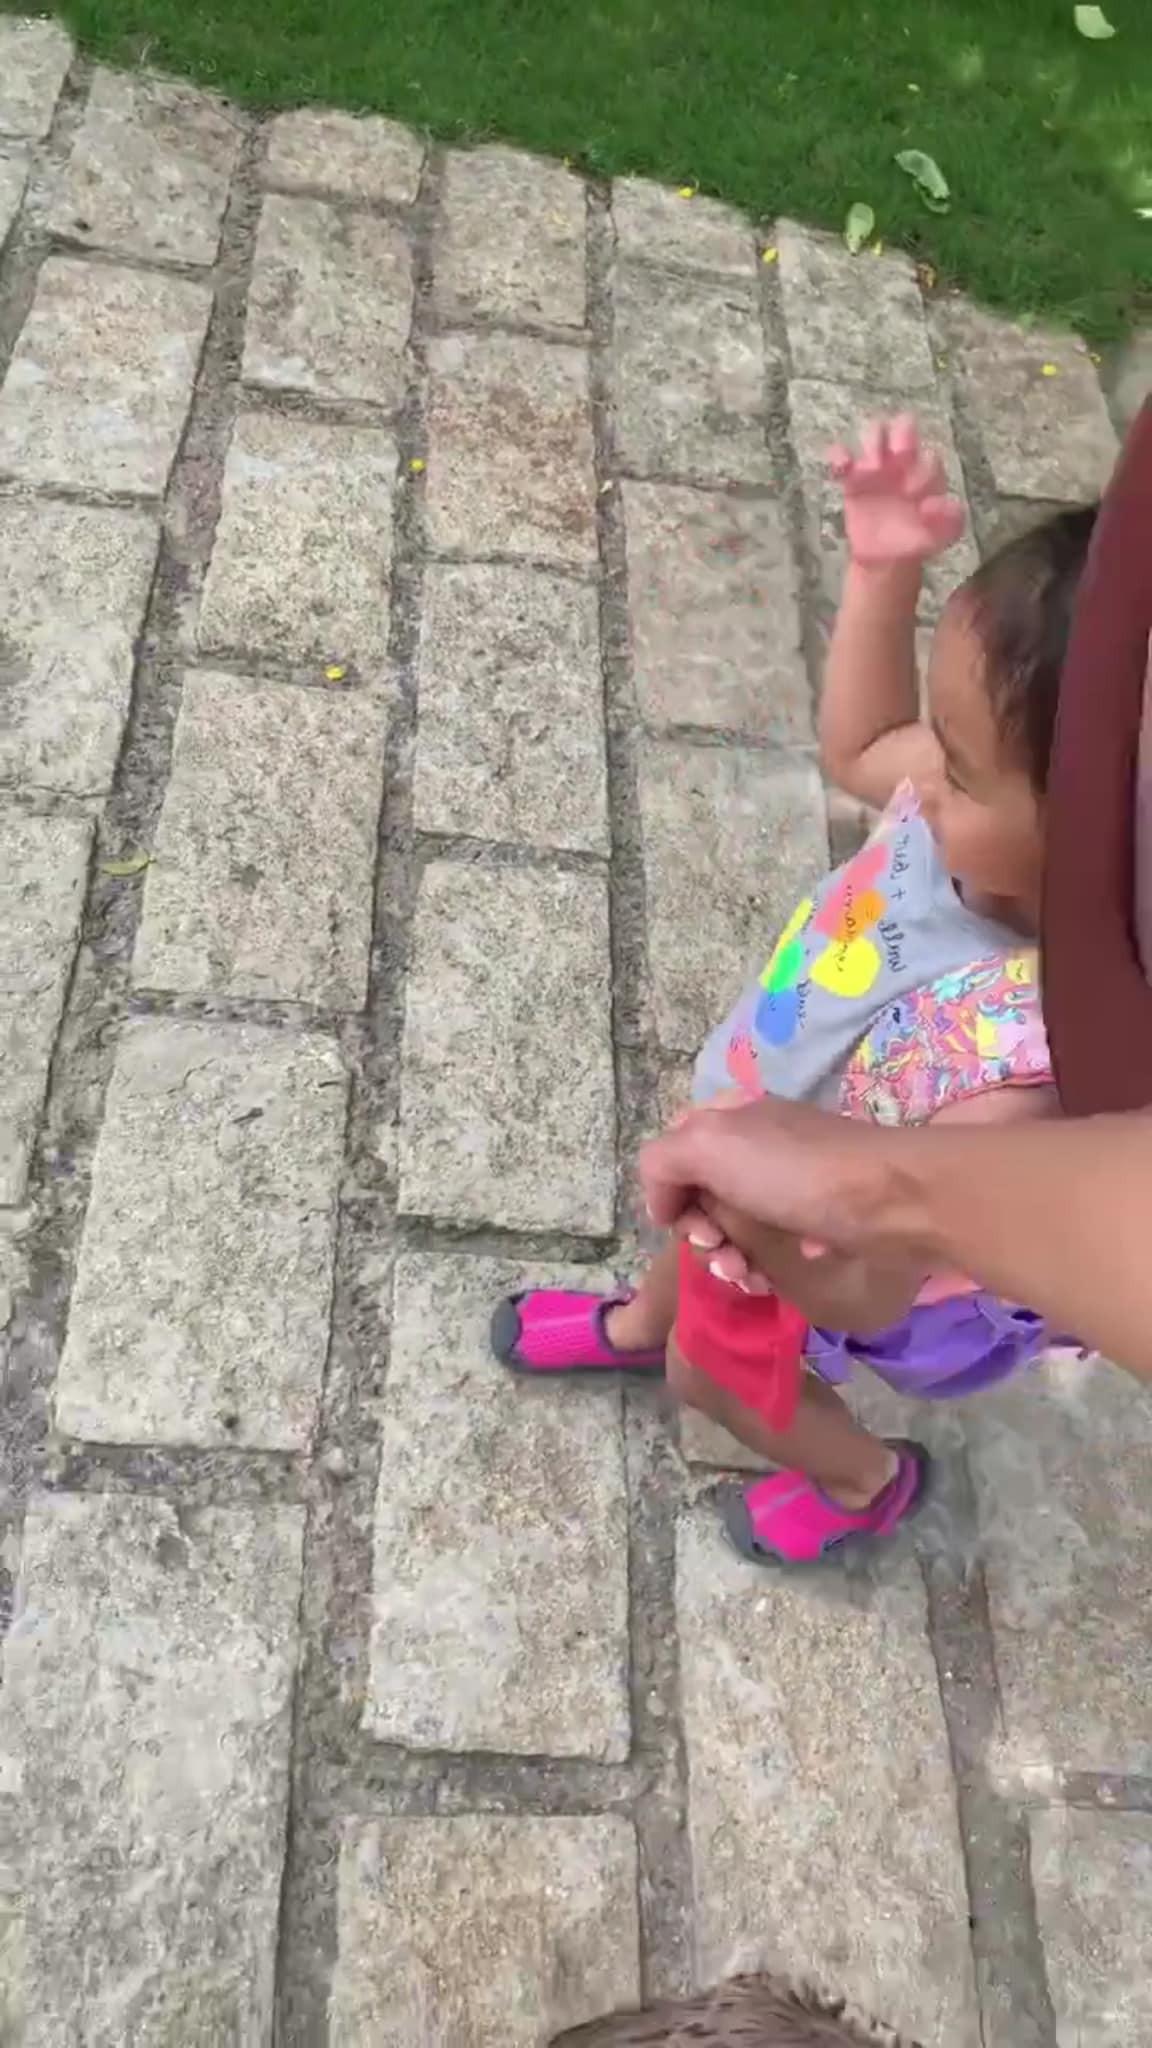 Sau sự cố vô tình làm lộ mặt con gái, Tăng Thanh Hà đăng luôn đoạn clip khoe trực diện cô bé 2